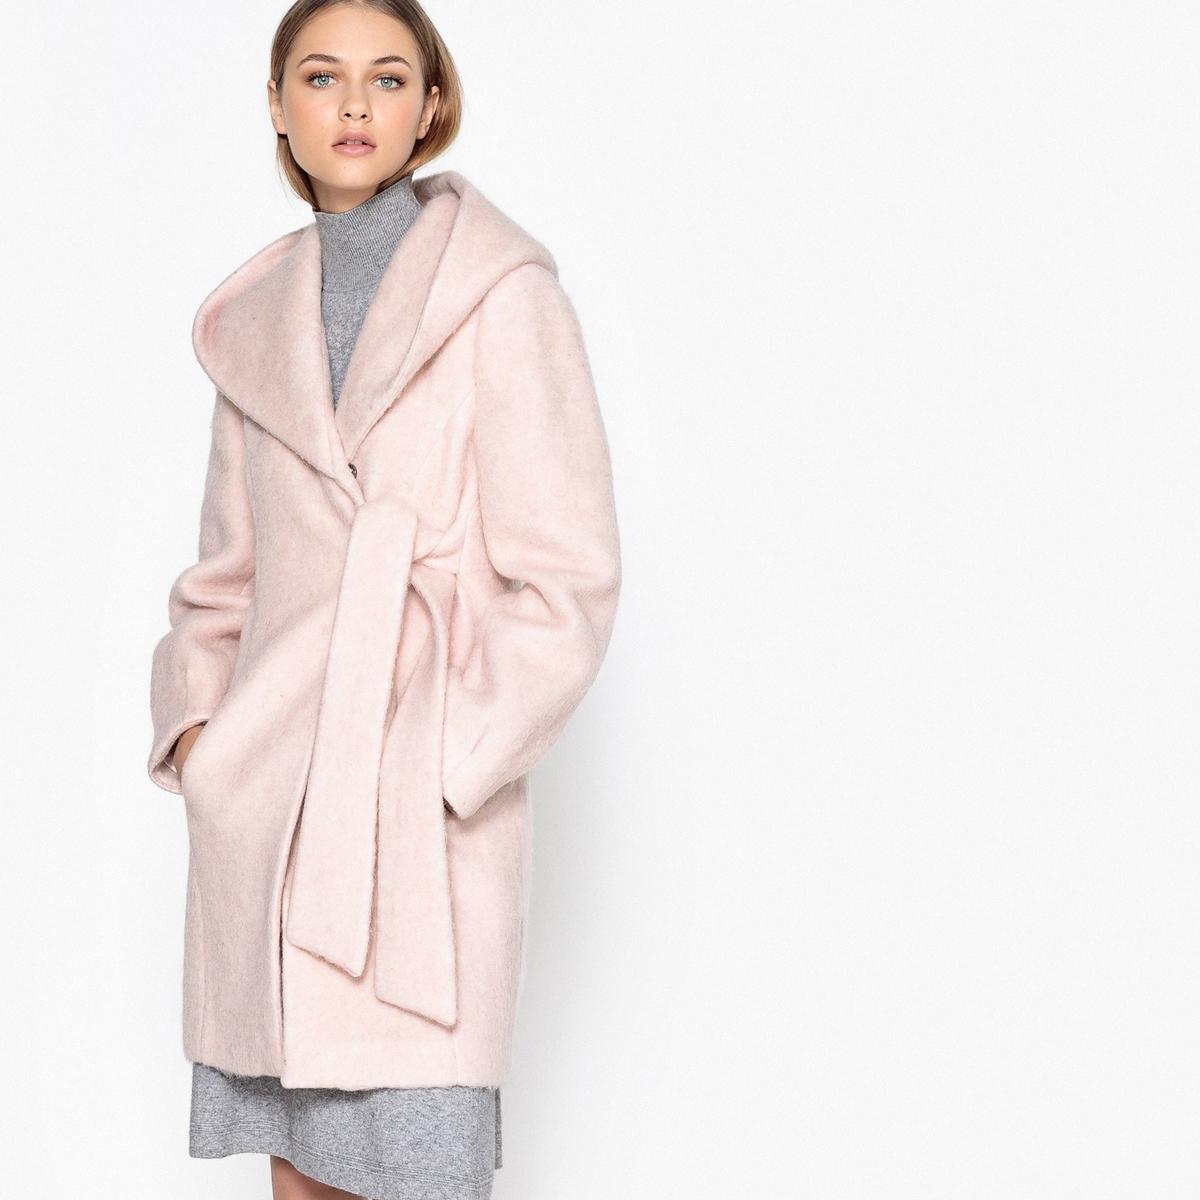 Пальто женское в форме халатаОписание:Большое обволакивающее пальто в форме халата. Комфортное и модное пальто стильной обволакивающей формы!Детали •  Длина : средняя •  Капюшон •  Без застежки •  С капюшономСостав и уход •  63% шерсти, 37% полиэстера •  Подкладка : 100% полиэстер • Не стирать •  Деликатная чистка/без отбеливателей •  Не использовать барабанную сушку   •  Низкая температура глажки •  Длина : 85 см<br><br>Цвет: розовый